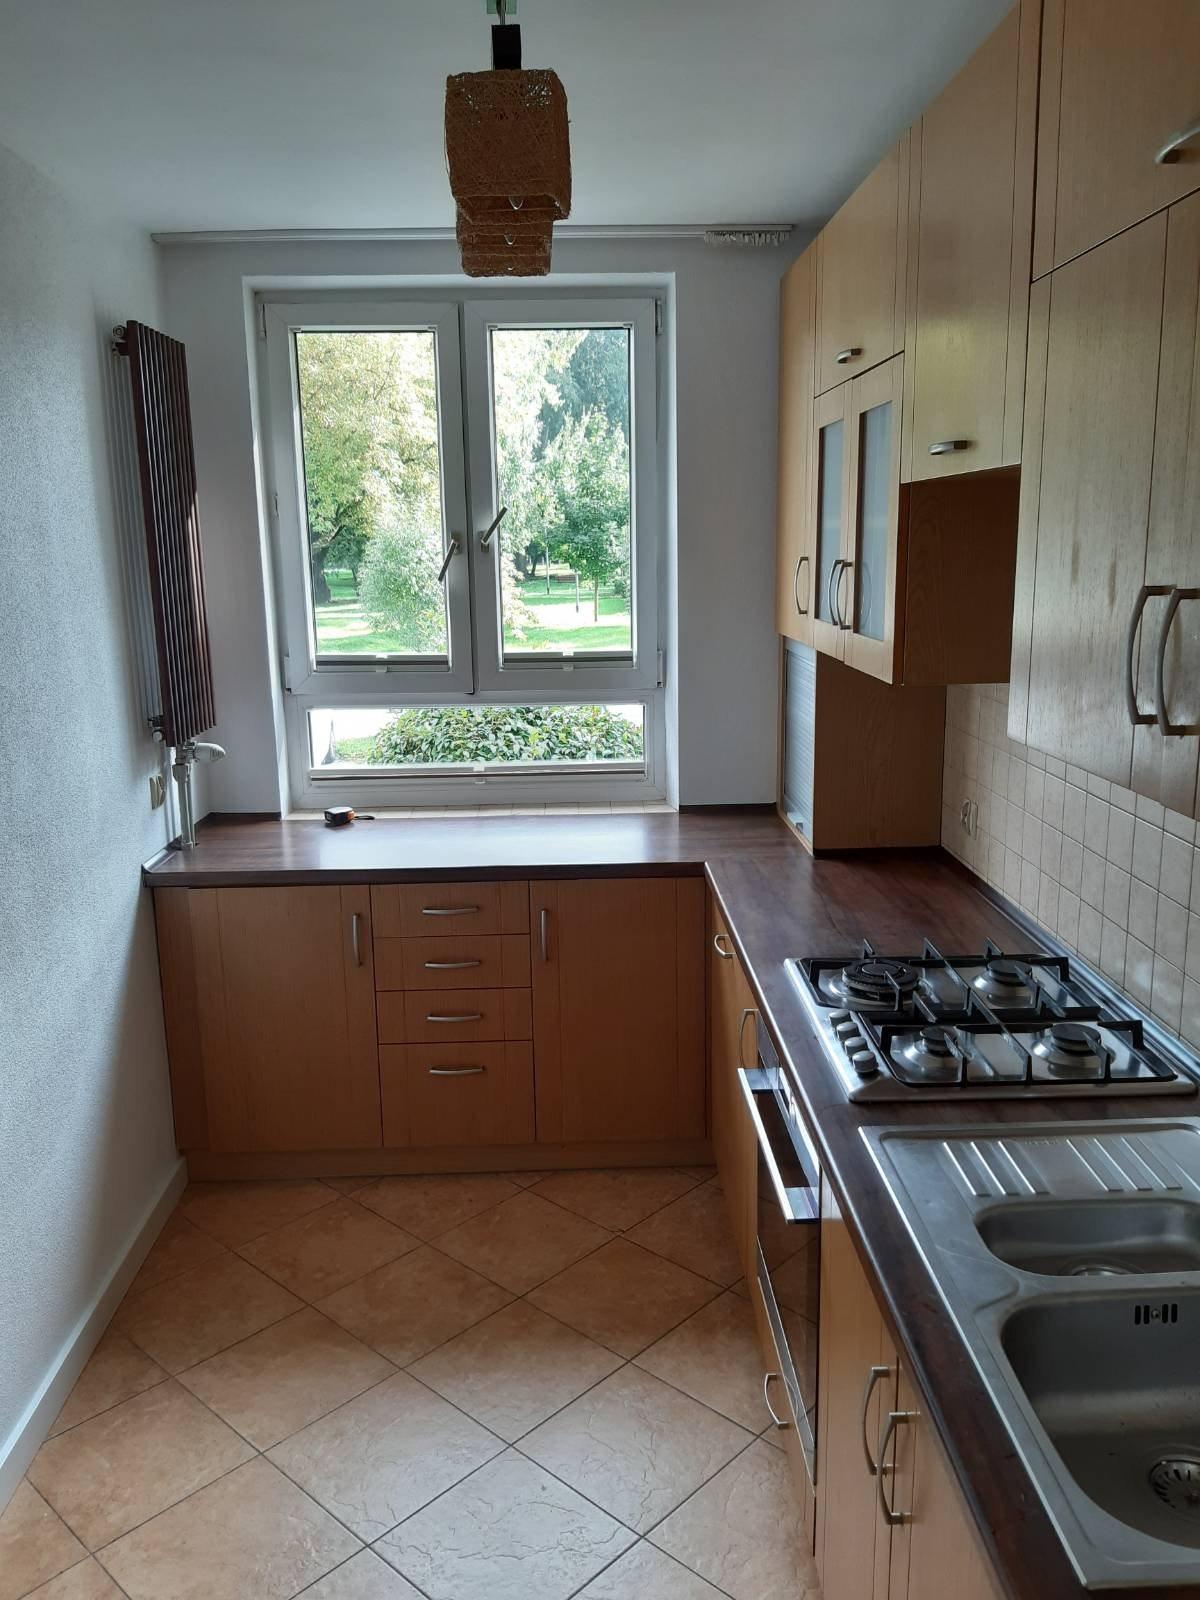 Mieszkanie dwupokojowe na sprzedaż Warszawa, Bielany, Wawrzyszew, Dantego Alighieri  57m2 Foto 6